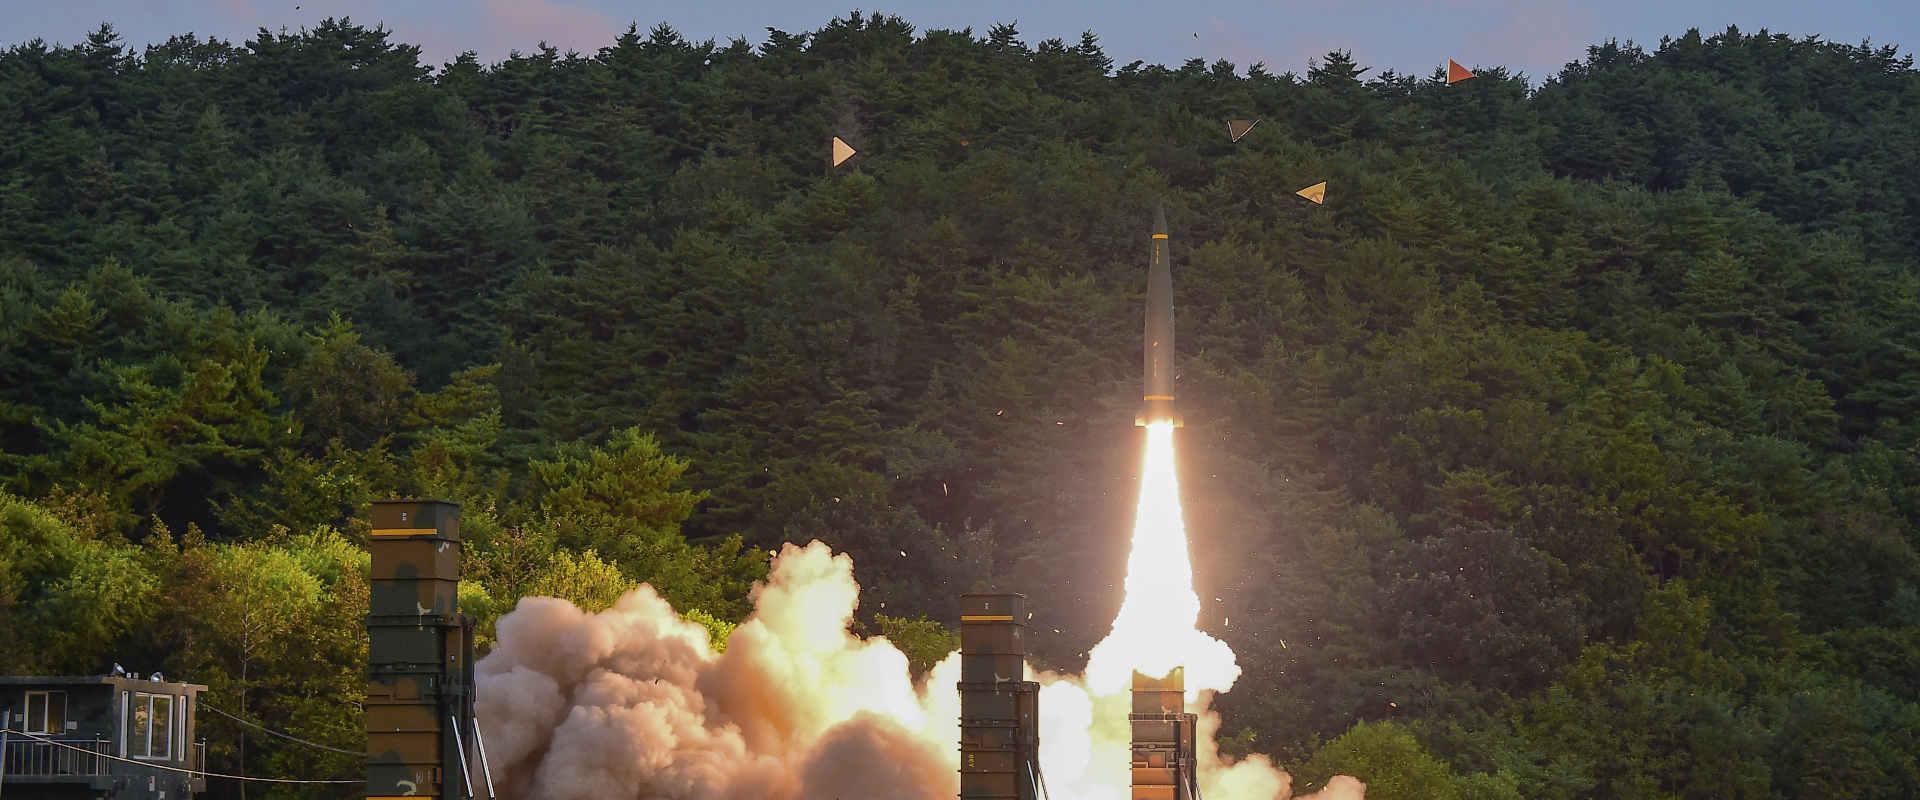 הניסוי שביצעה קוריאה הדרומית, לפנות בוקר